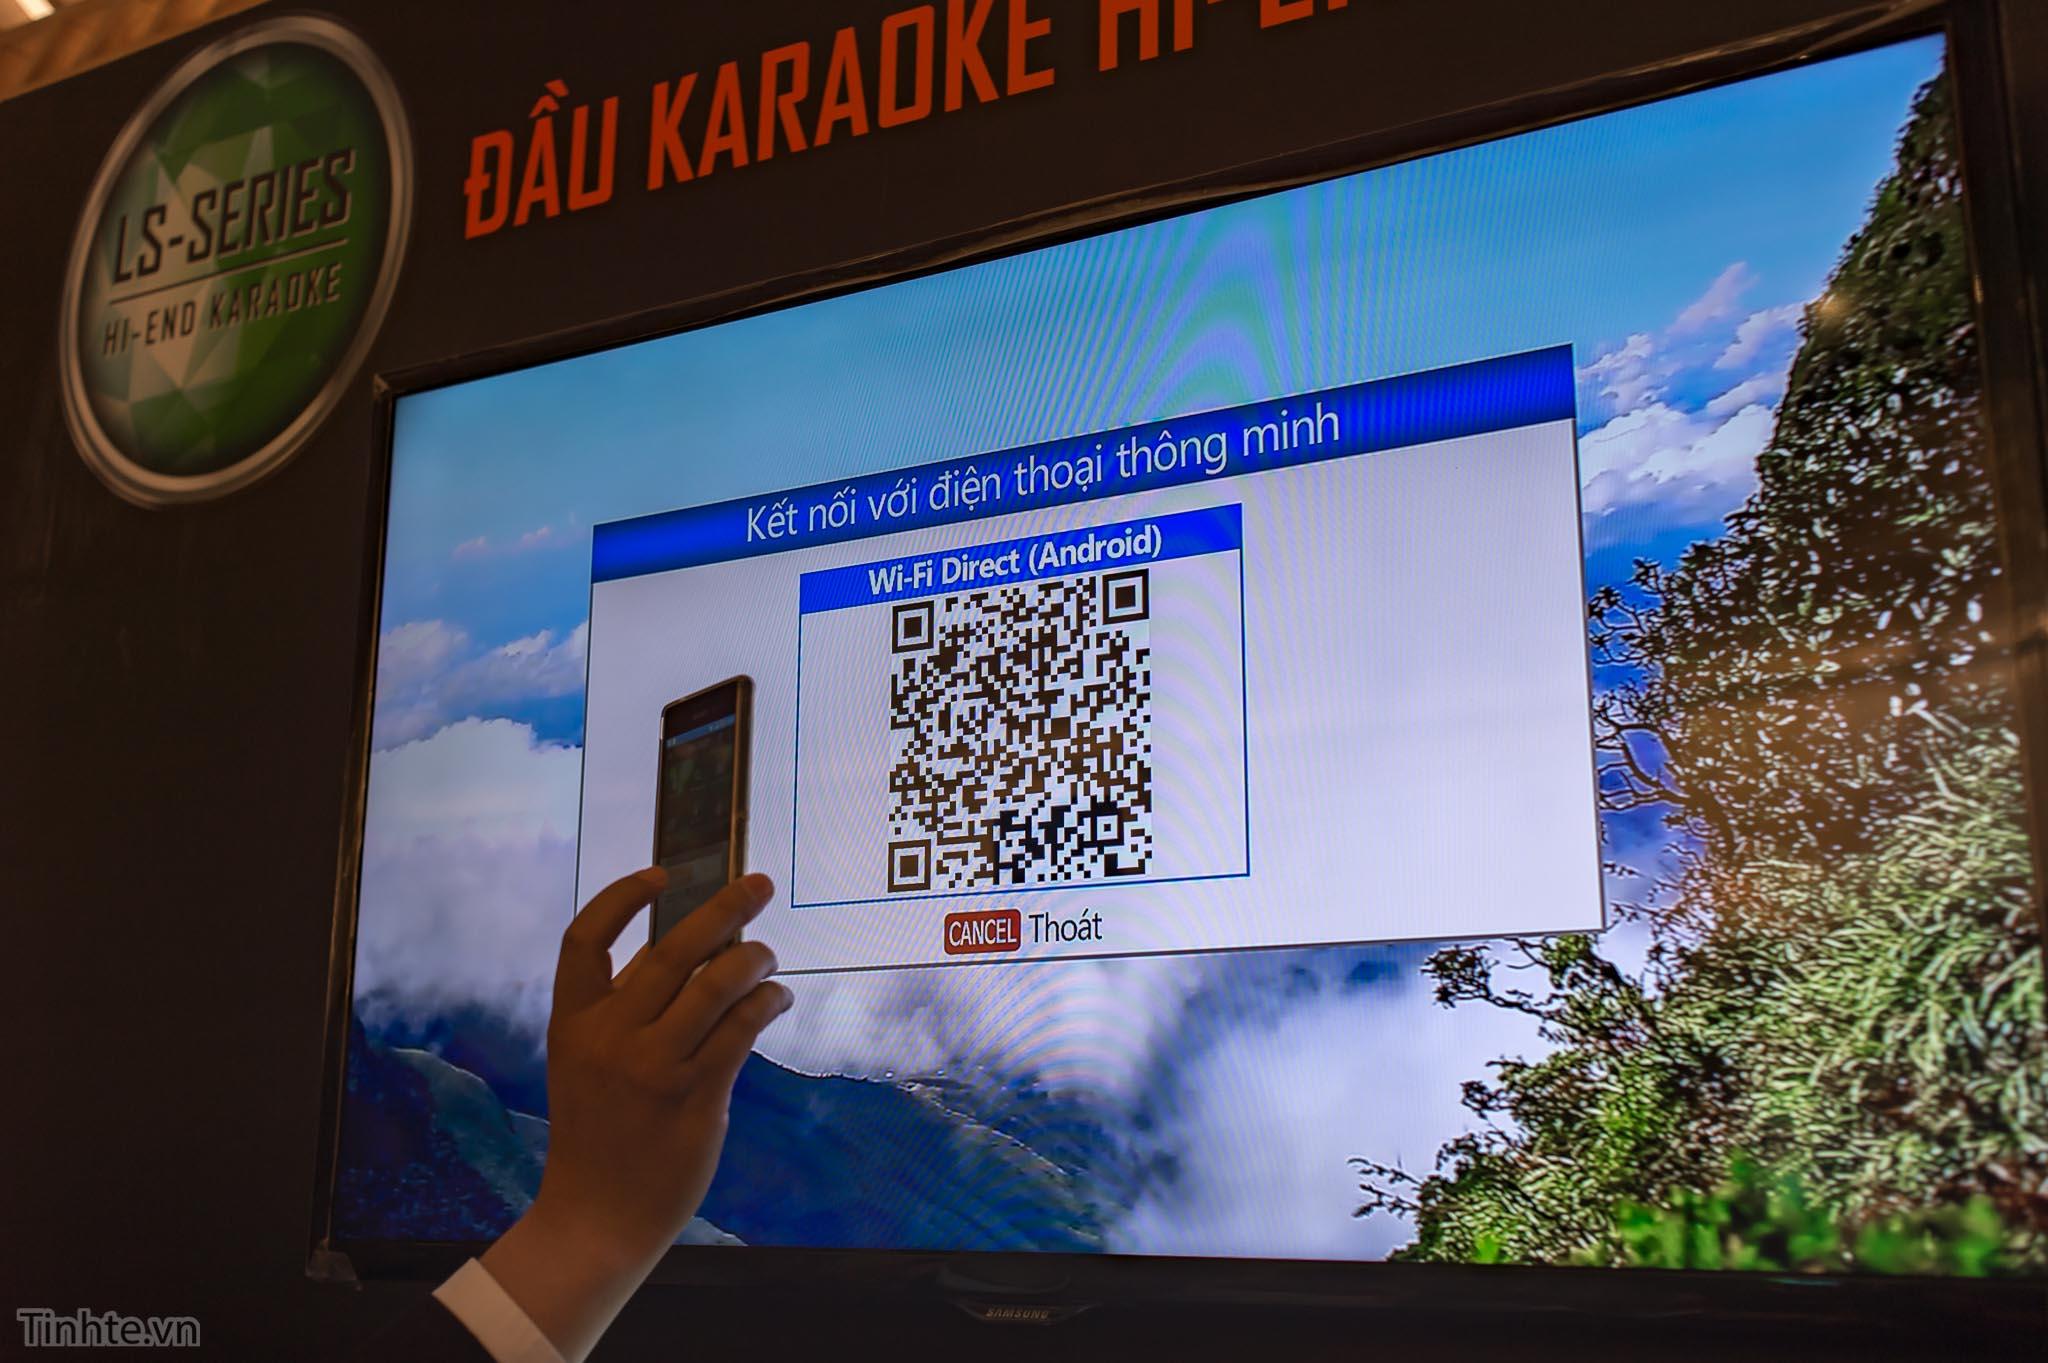 dau_karaoke_Tinhte_08.jpg